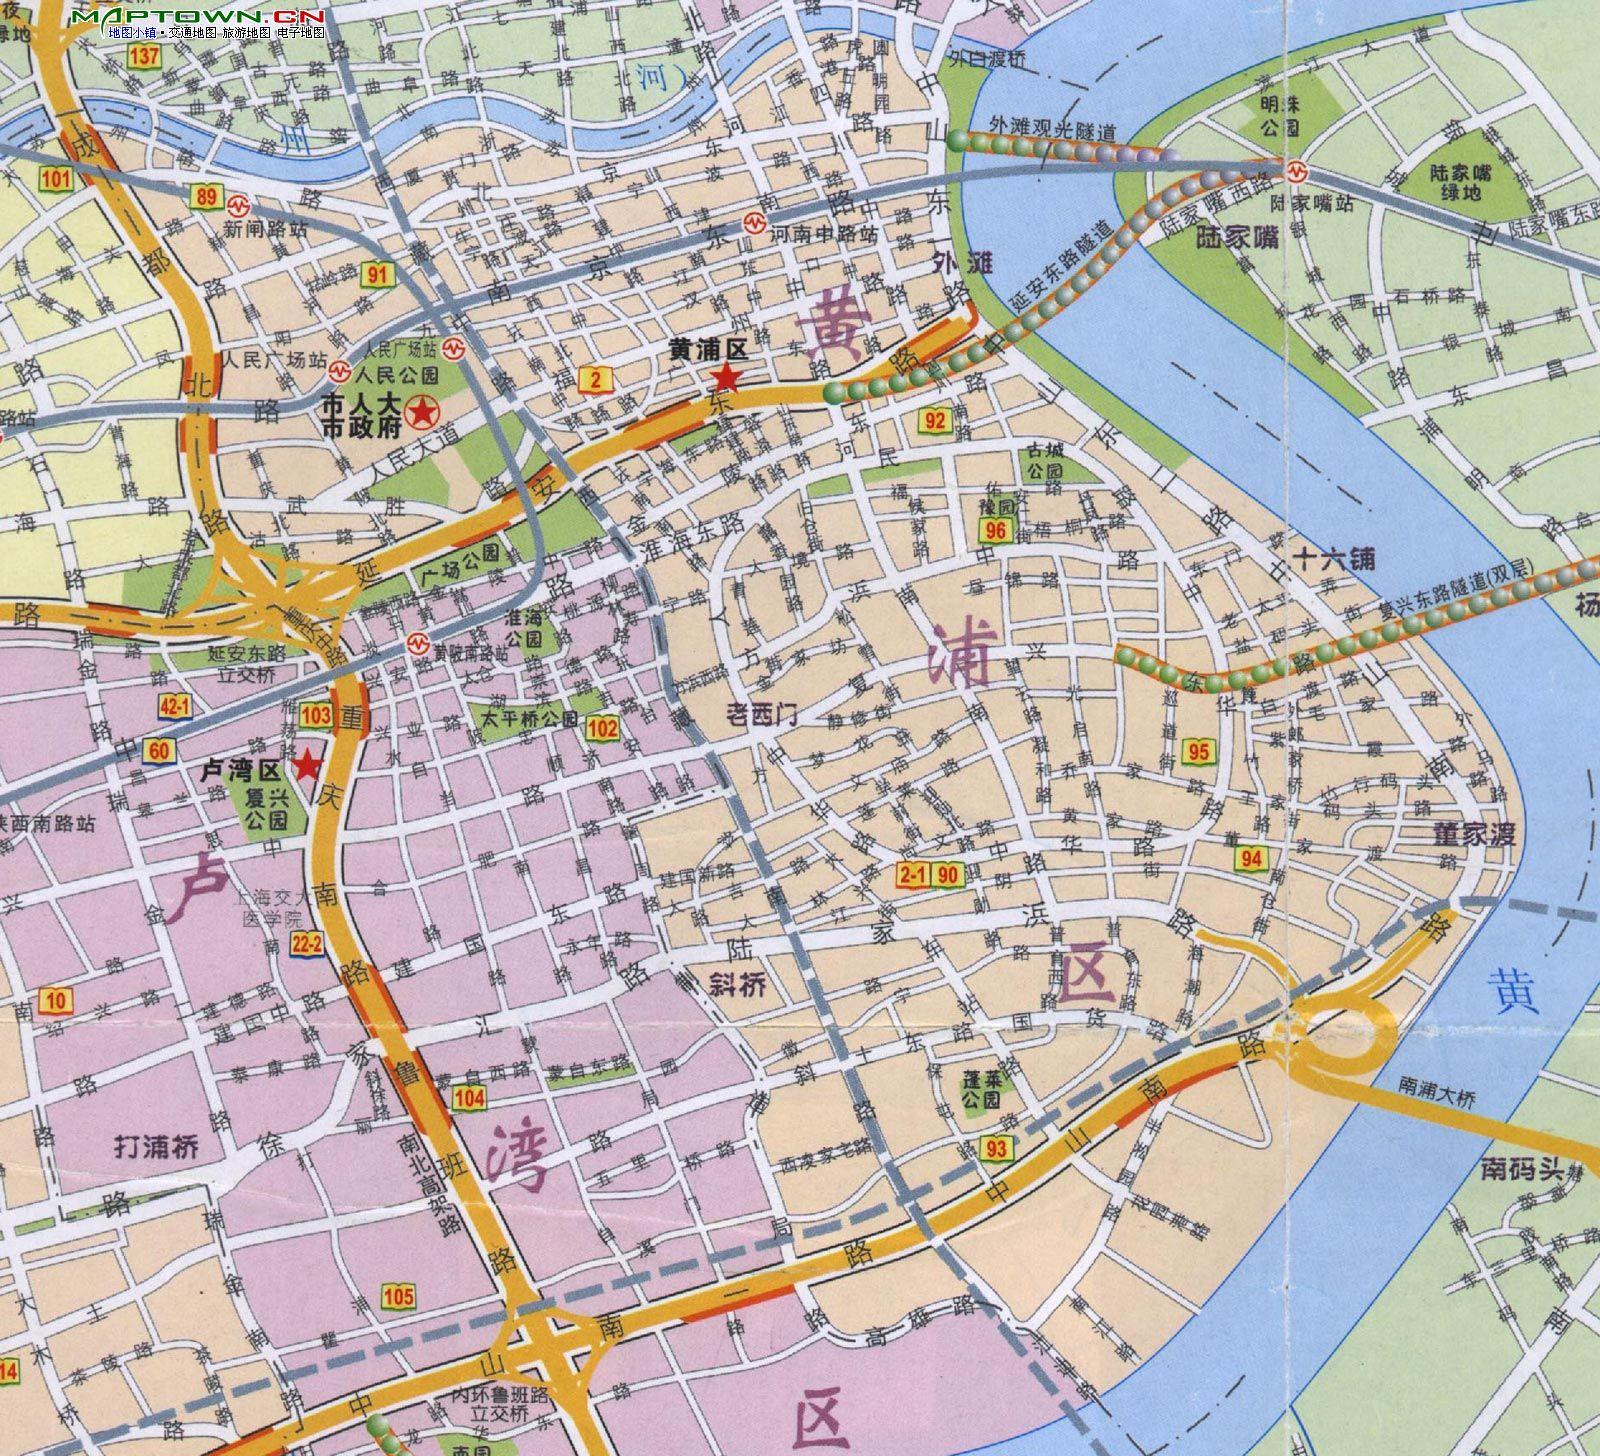 地图名称:上海最新市区地图图片